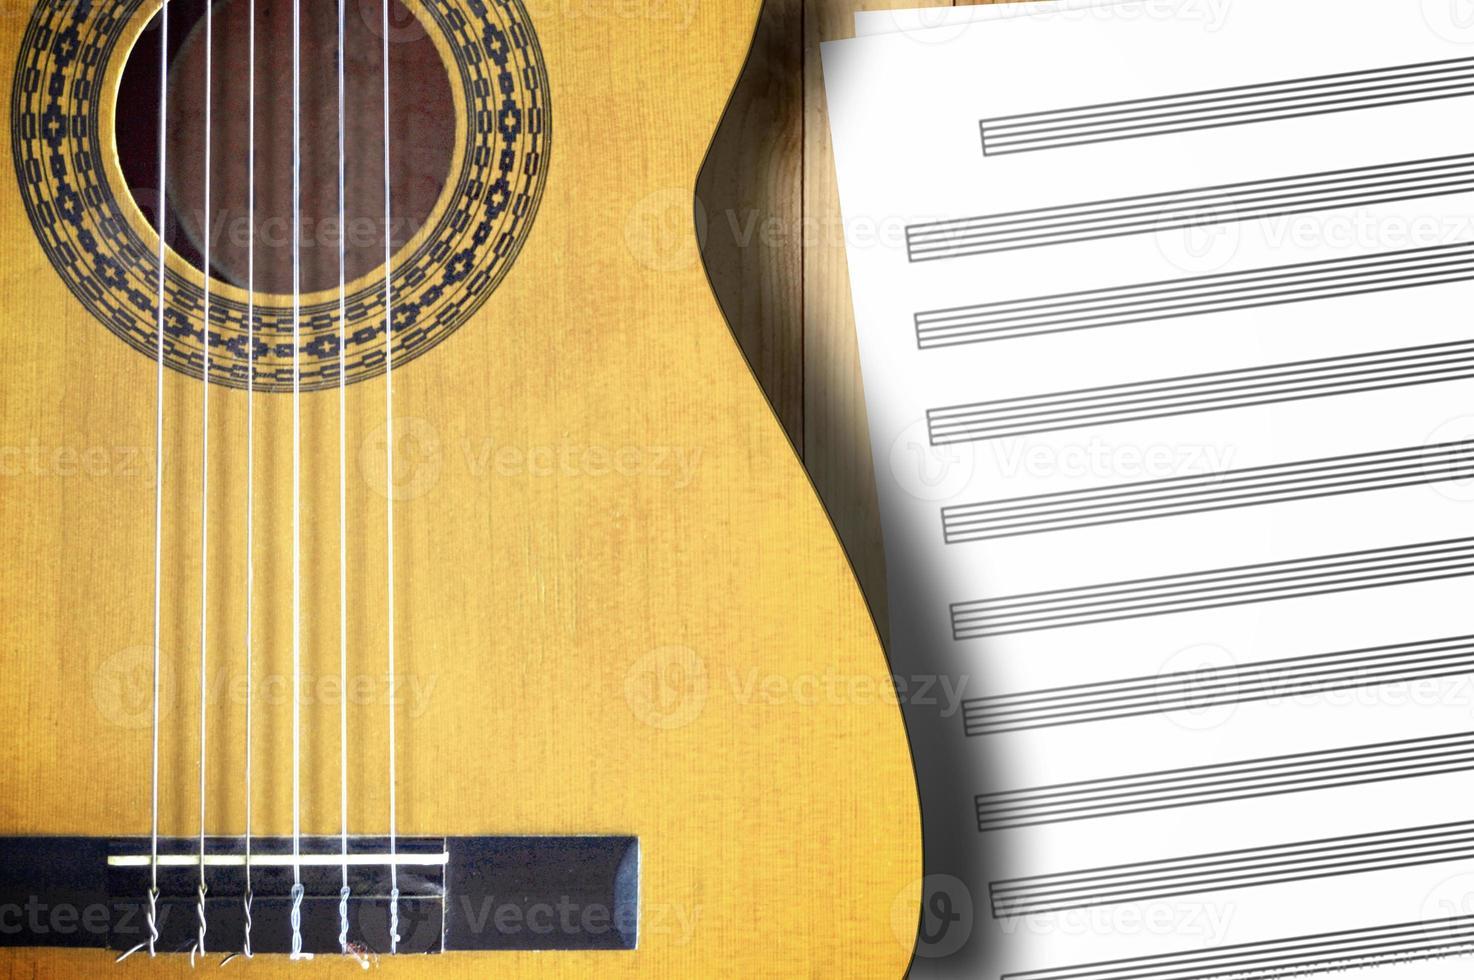 guitarra espanhola com partituras em branco. foto